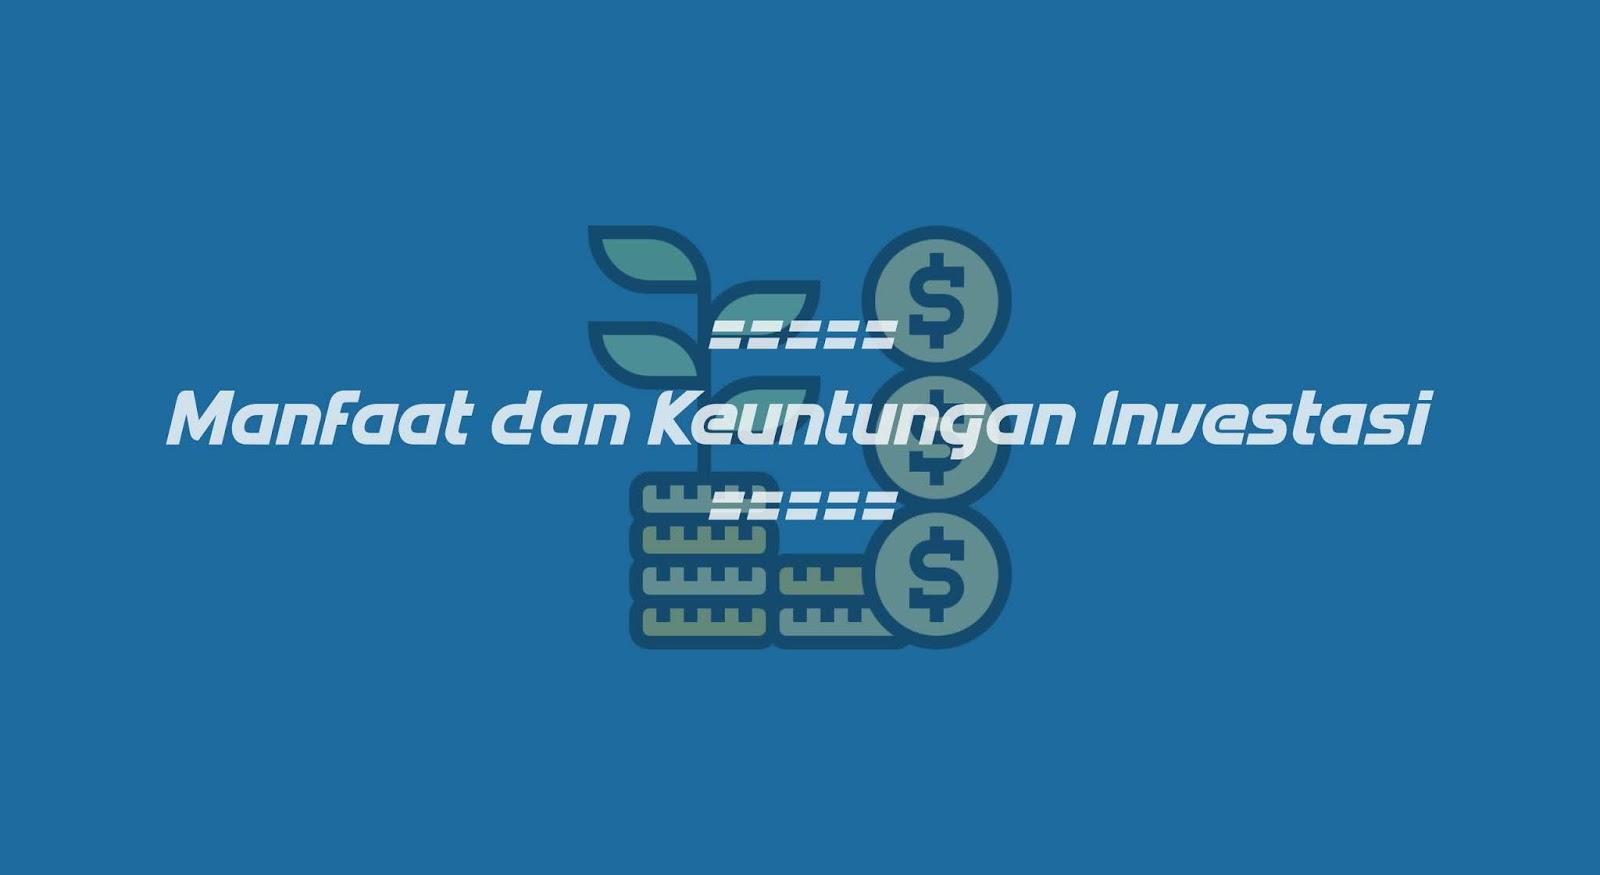 Manfaat dan Keuntungan Investasi